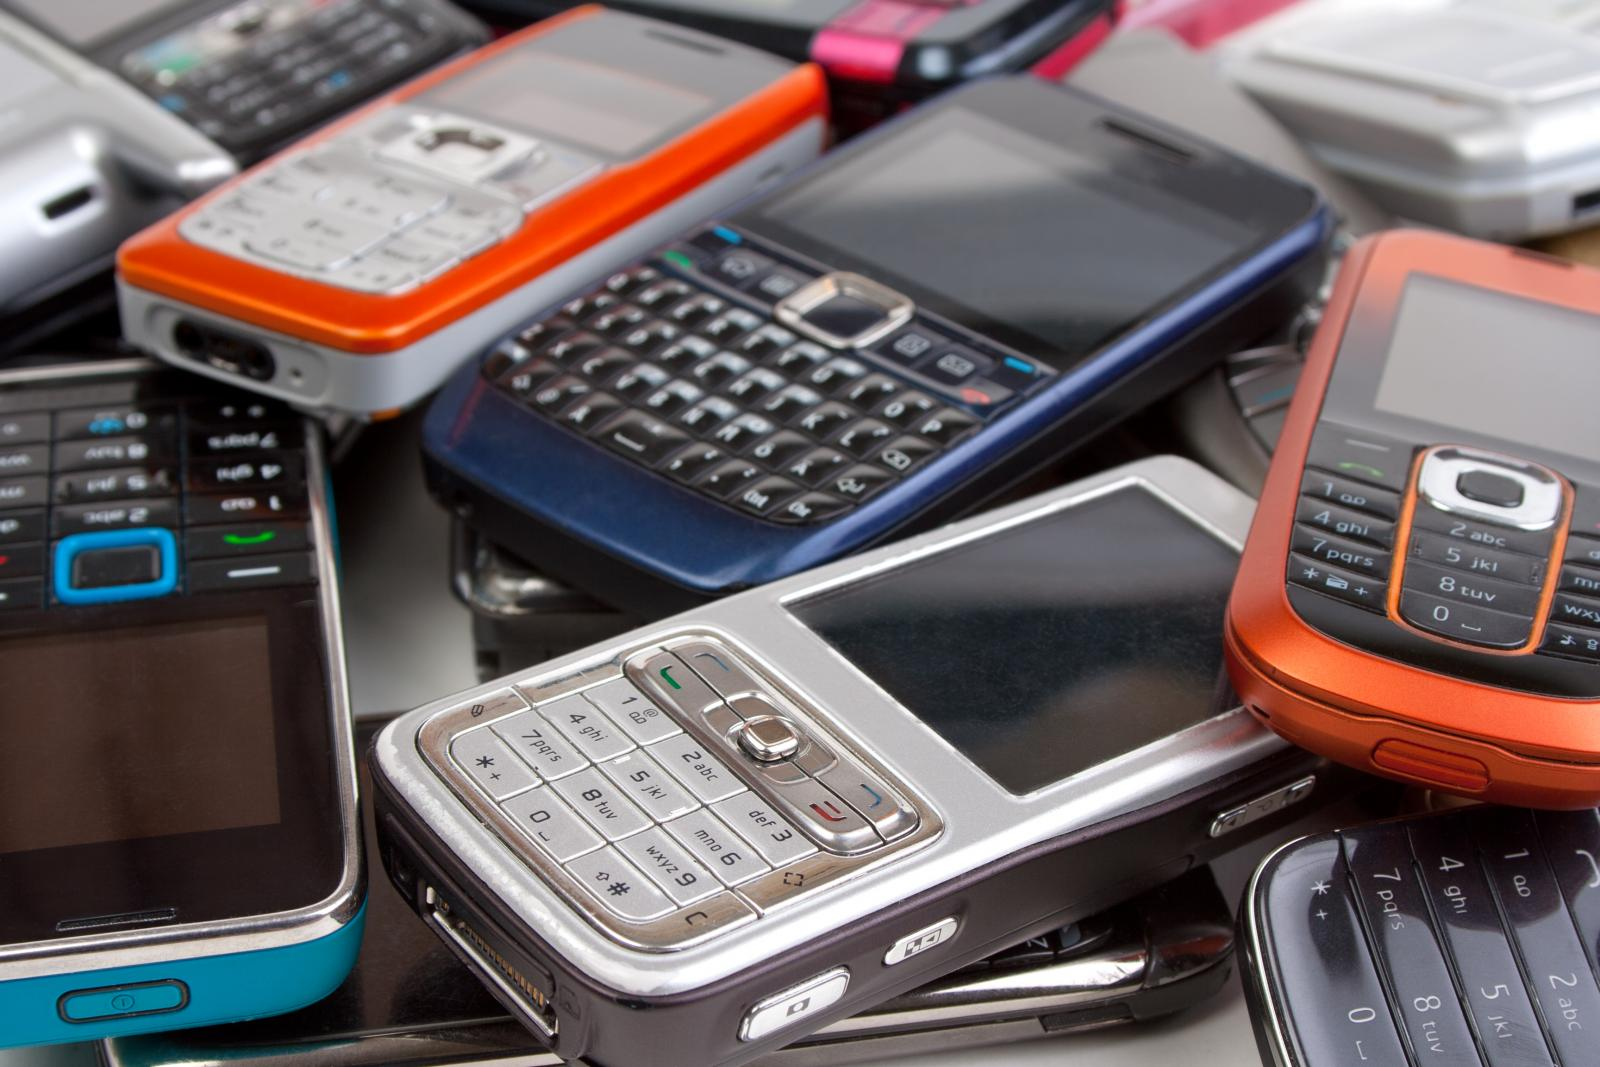 Эксперты рассказали о сохраняющемся спросе на кнопочные телефоны